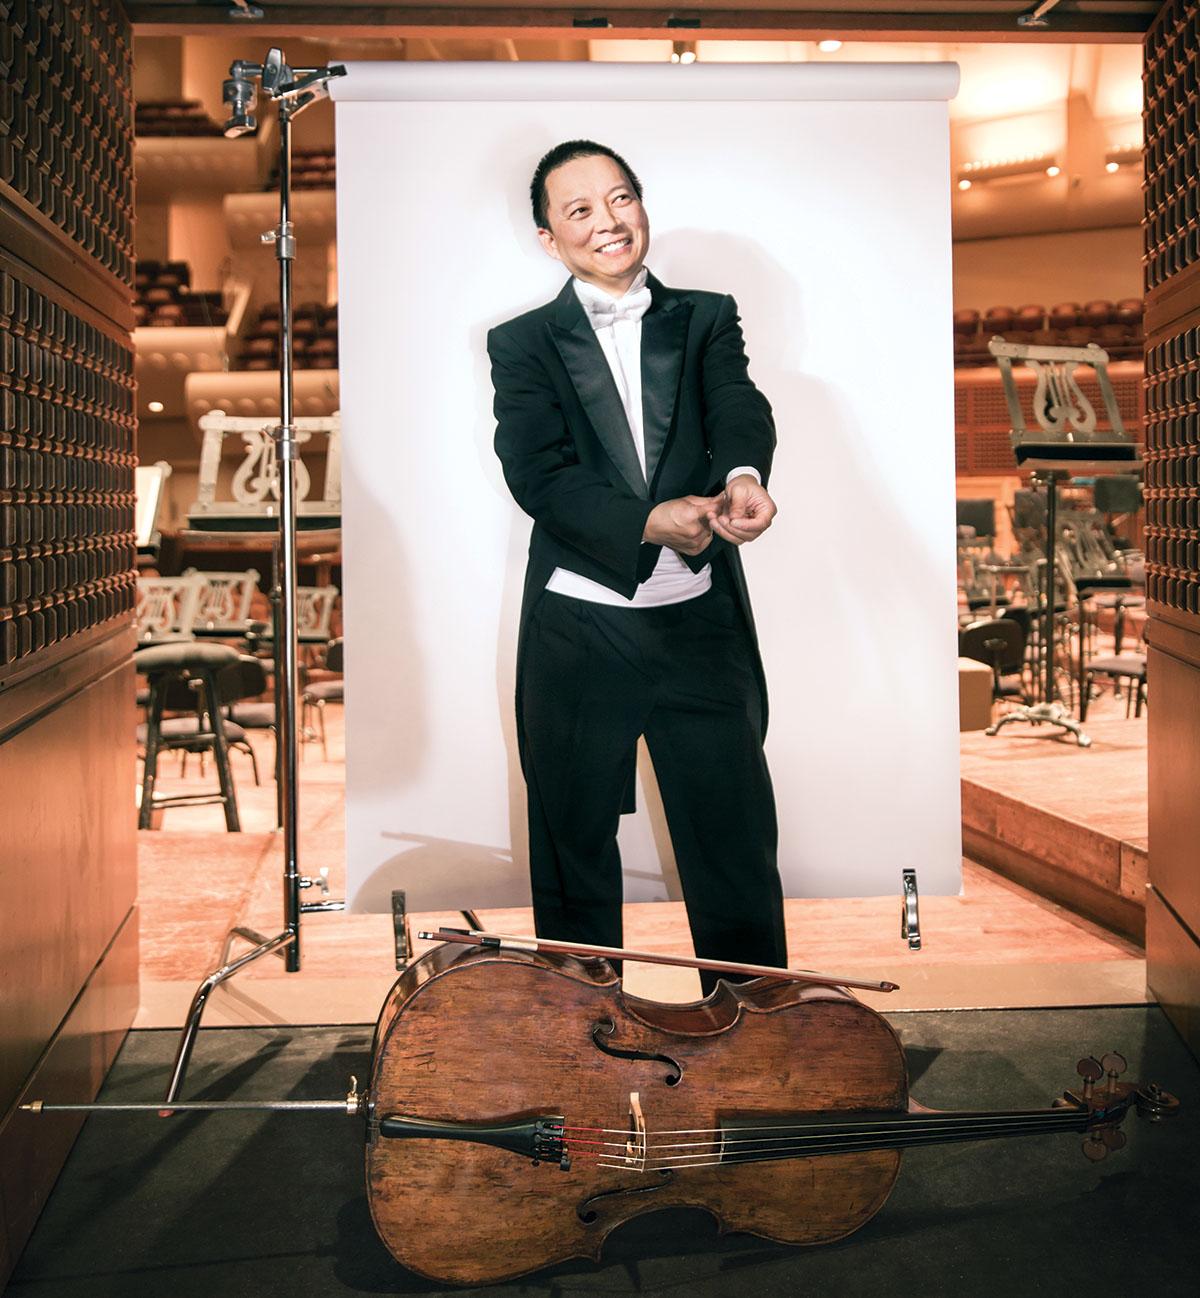 San Francisco Symphony cellist Amos Yang